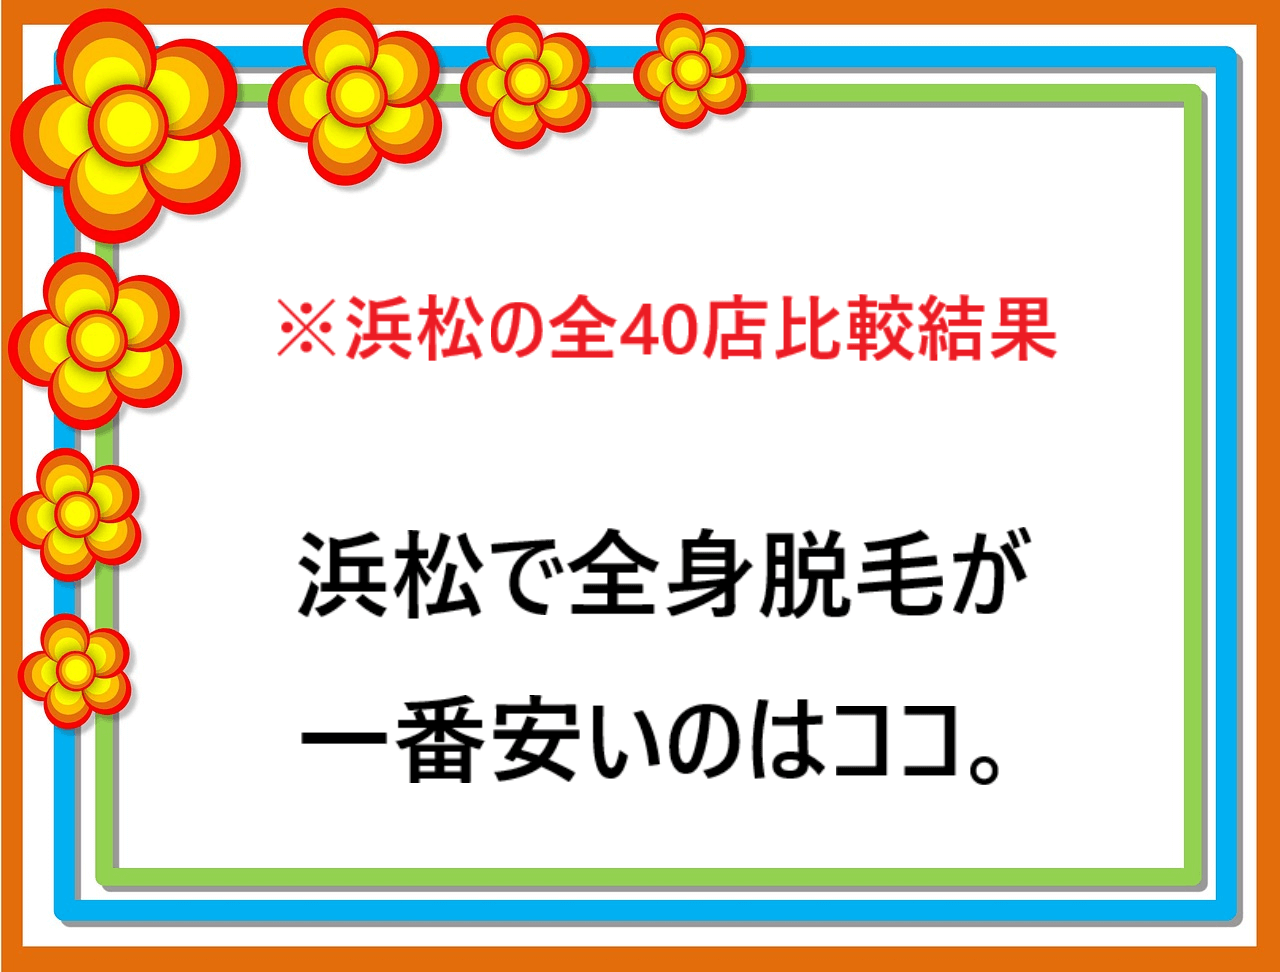 浜松で全身脱毛が一番安いのはココ。|※浜松の全40店比較結果と書かれた画像